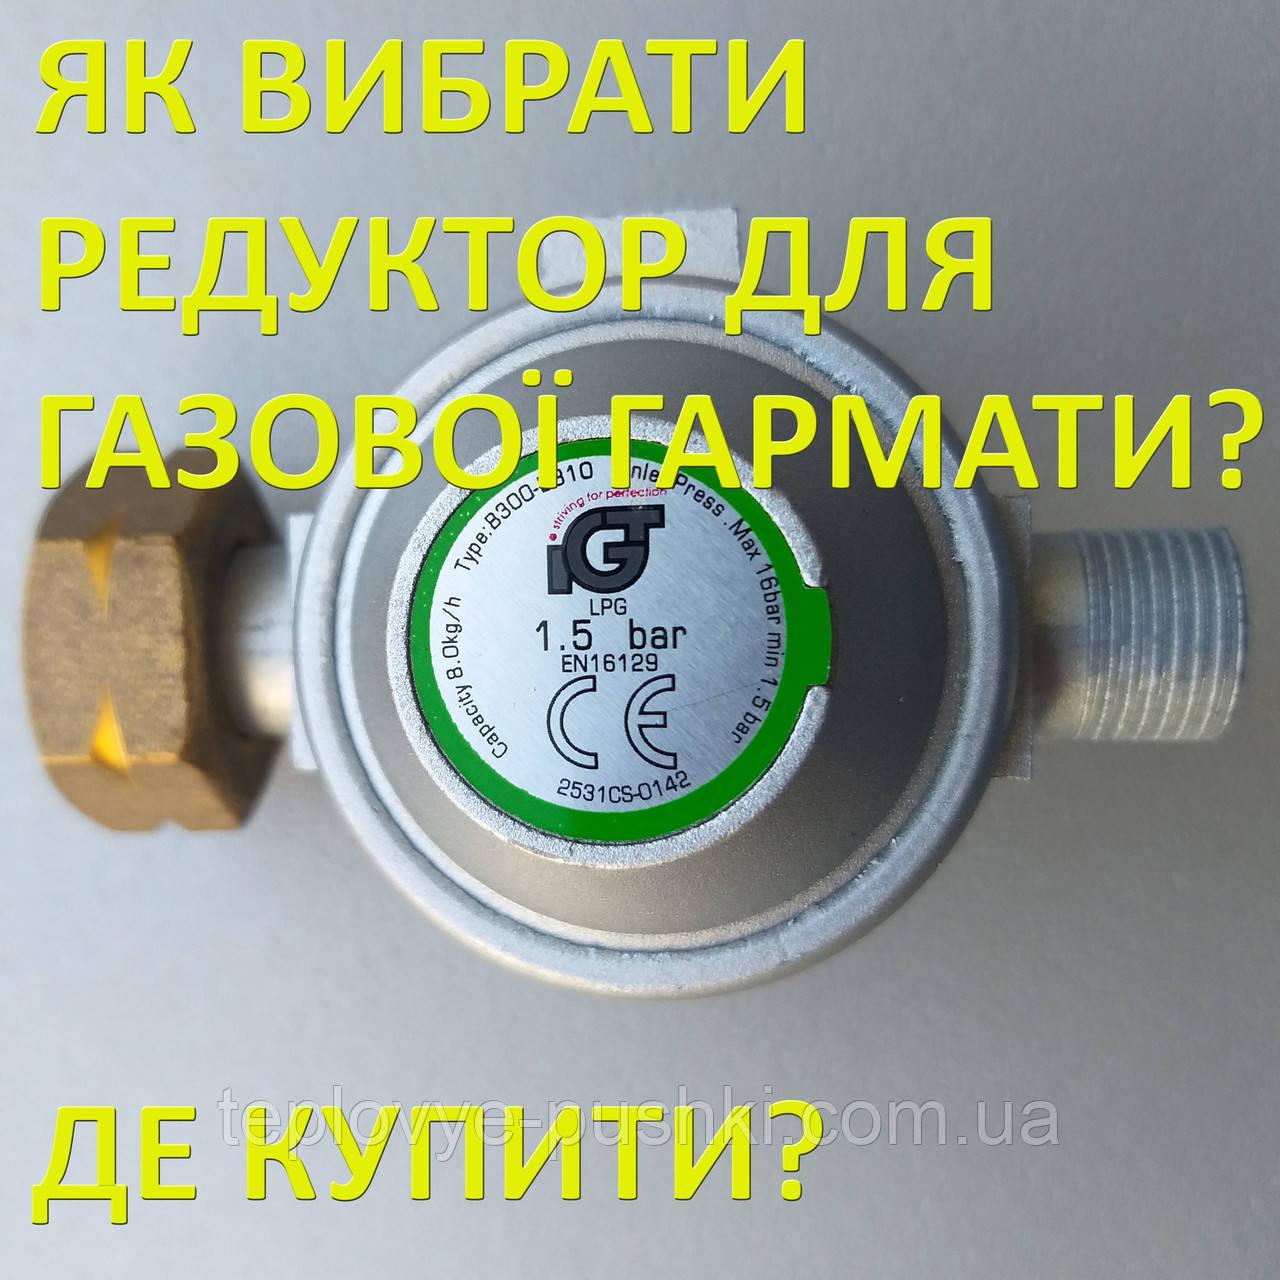 Как выбрать редуктор для газовой пушки? Где купить?